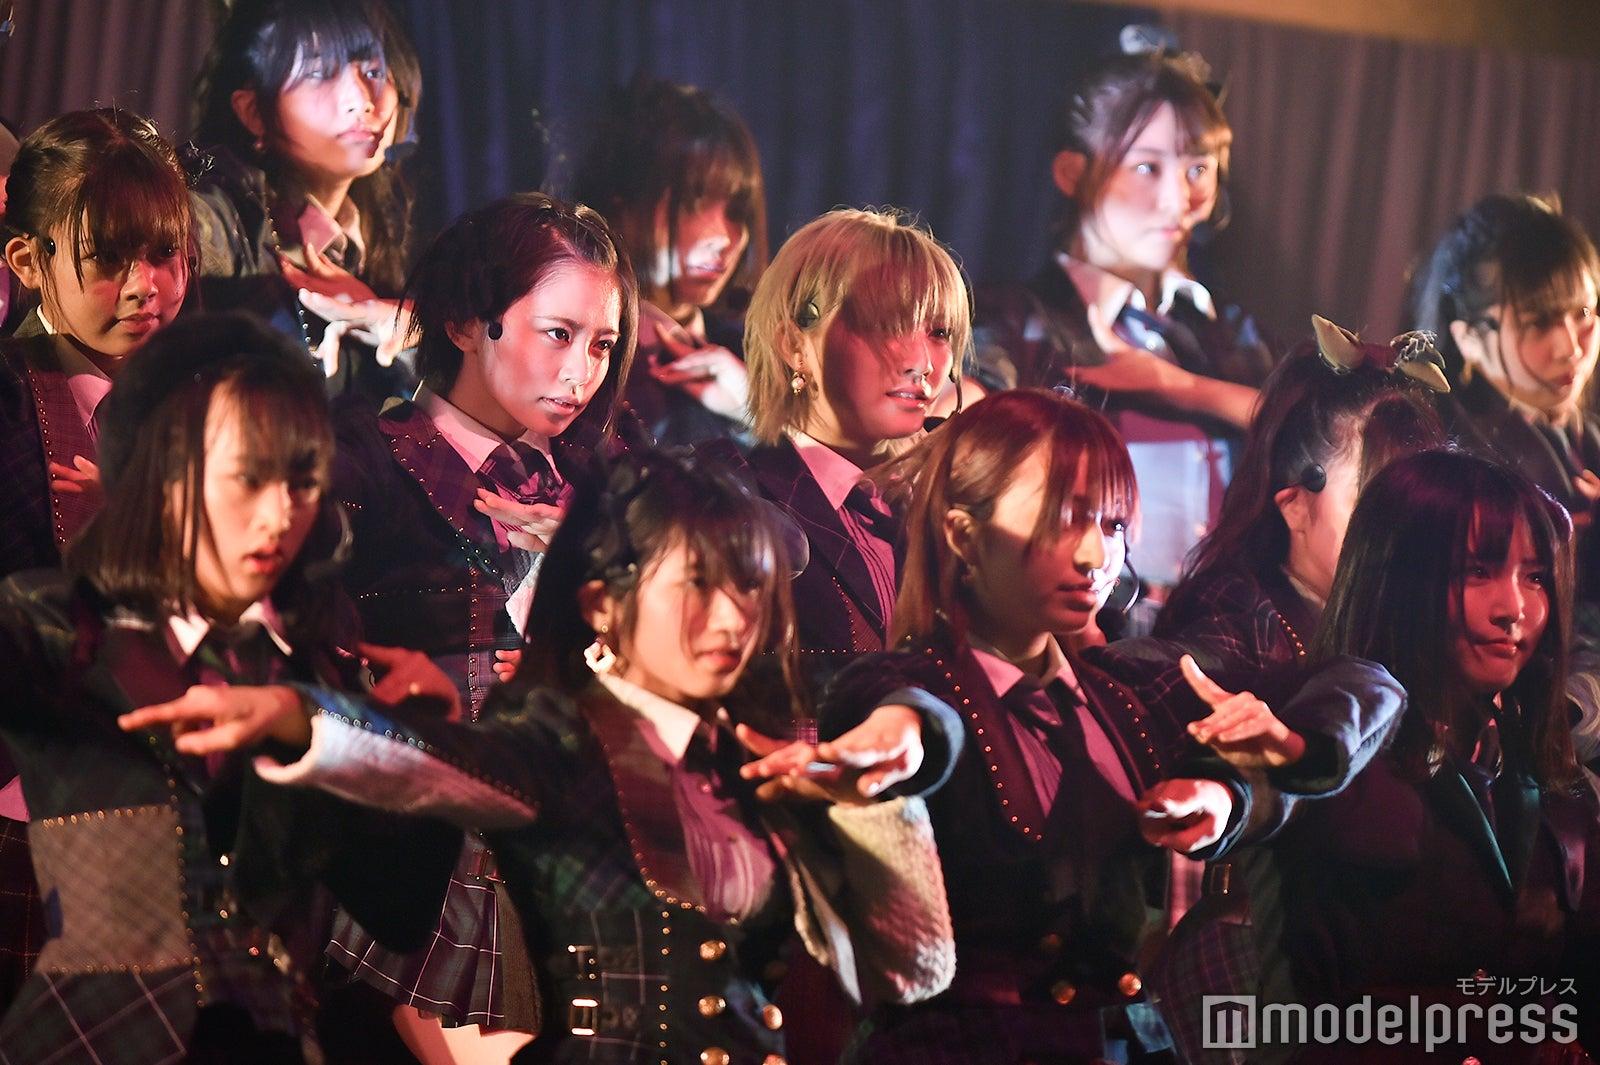 【悲報】チーム4コンサートでまさかのサイレントマジョリティー歌唱でヲタ激怒